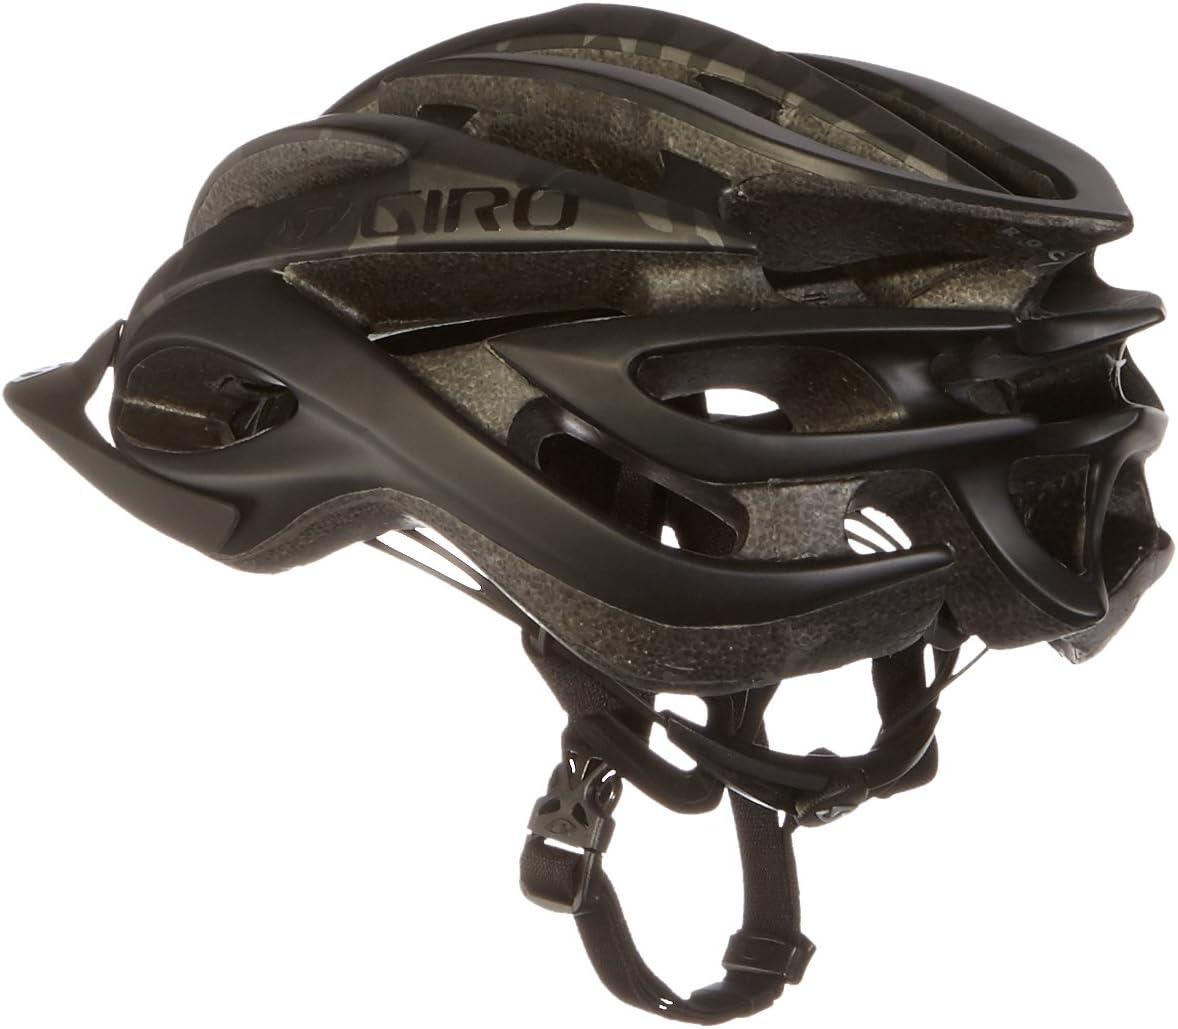 Giro Fathom Casque Taille S 51–55 cm Tapis Black Camo